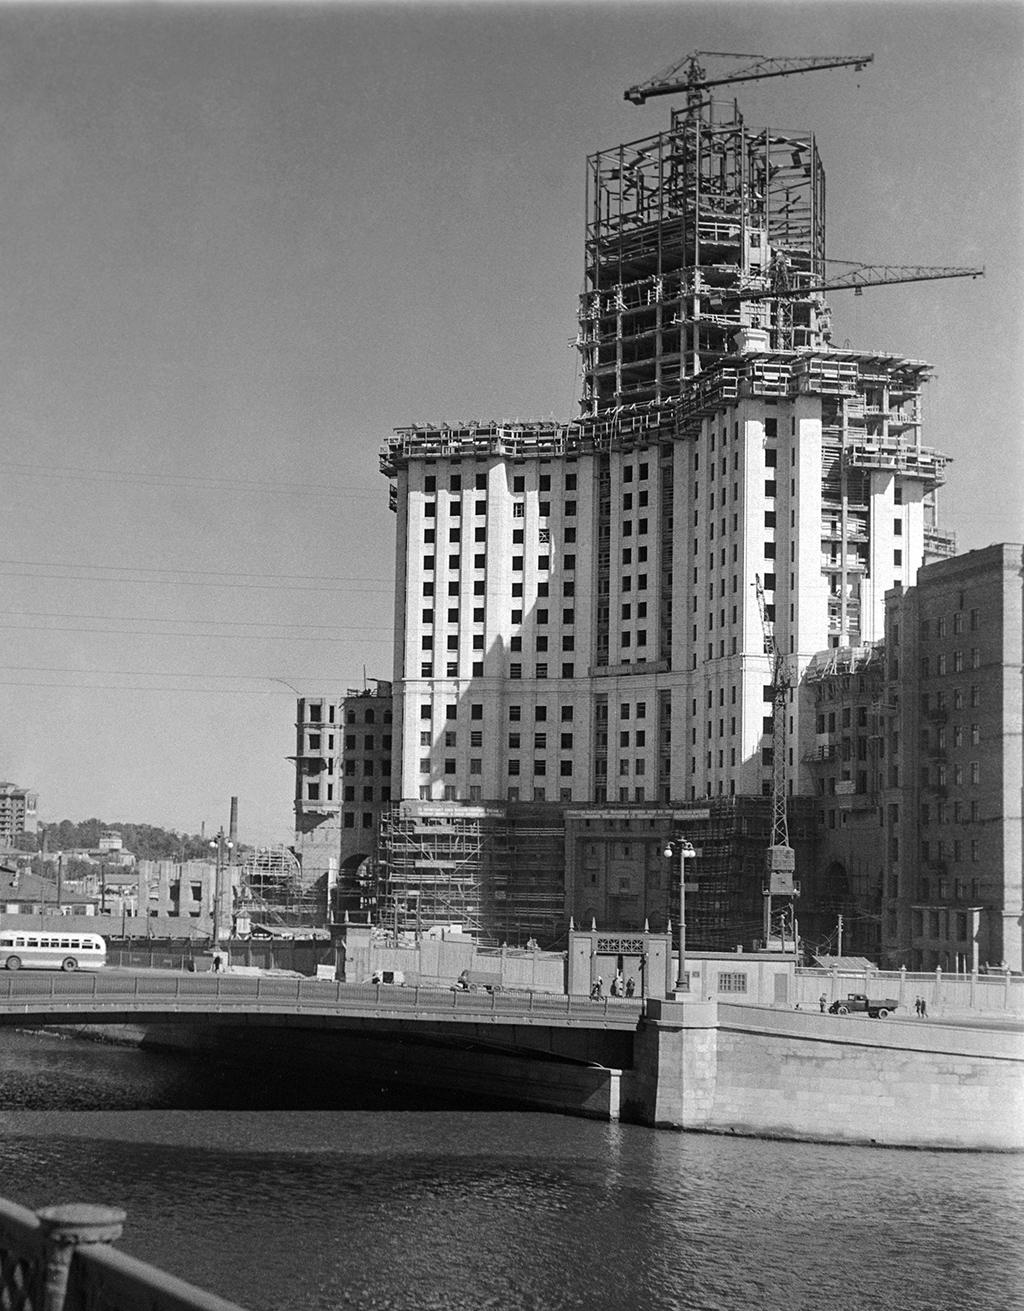 Строительство высотного жилого дома на Котельнической набережной в Москве, 1950 год